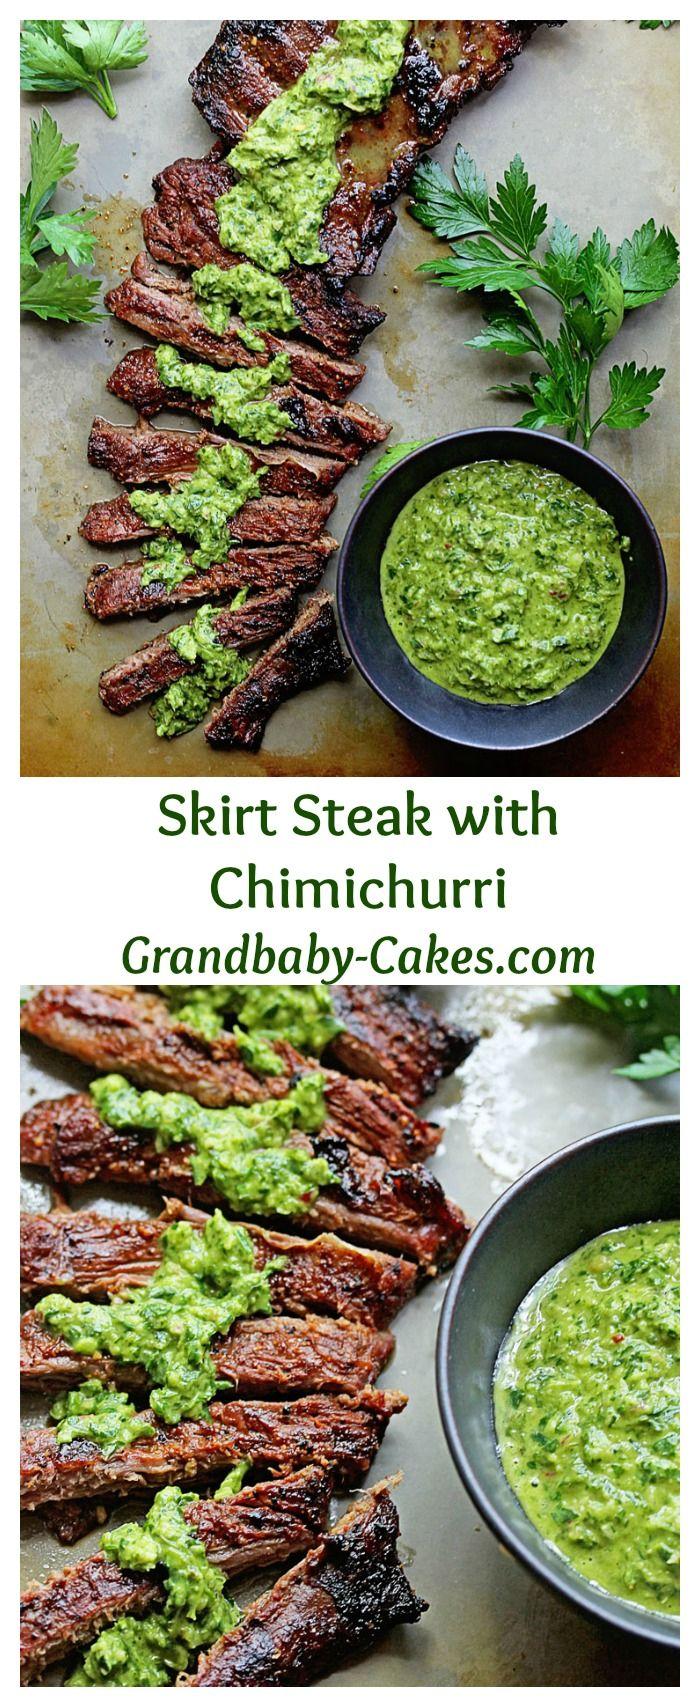 Marinated Skirt Steak with Chimichurri | Grandbaby-Cakes.com